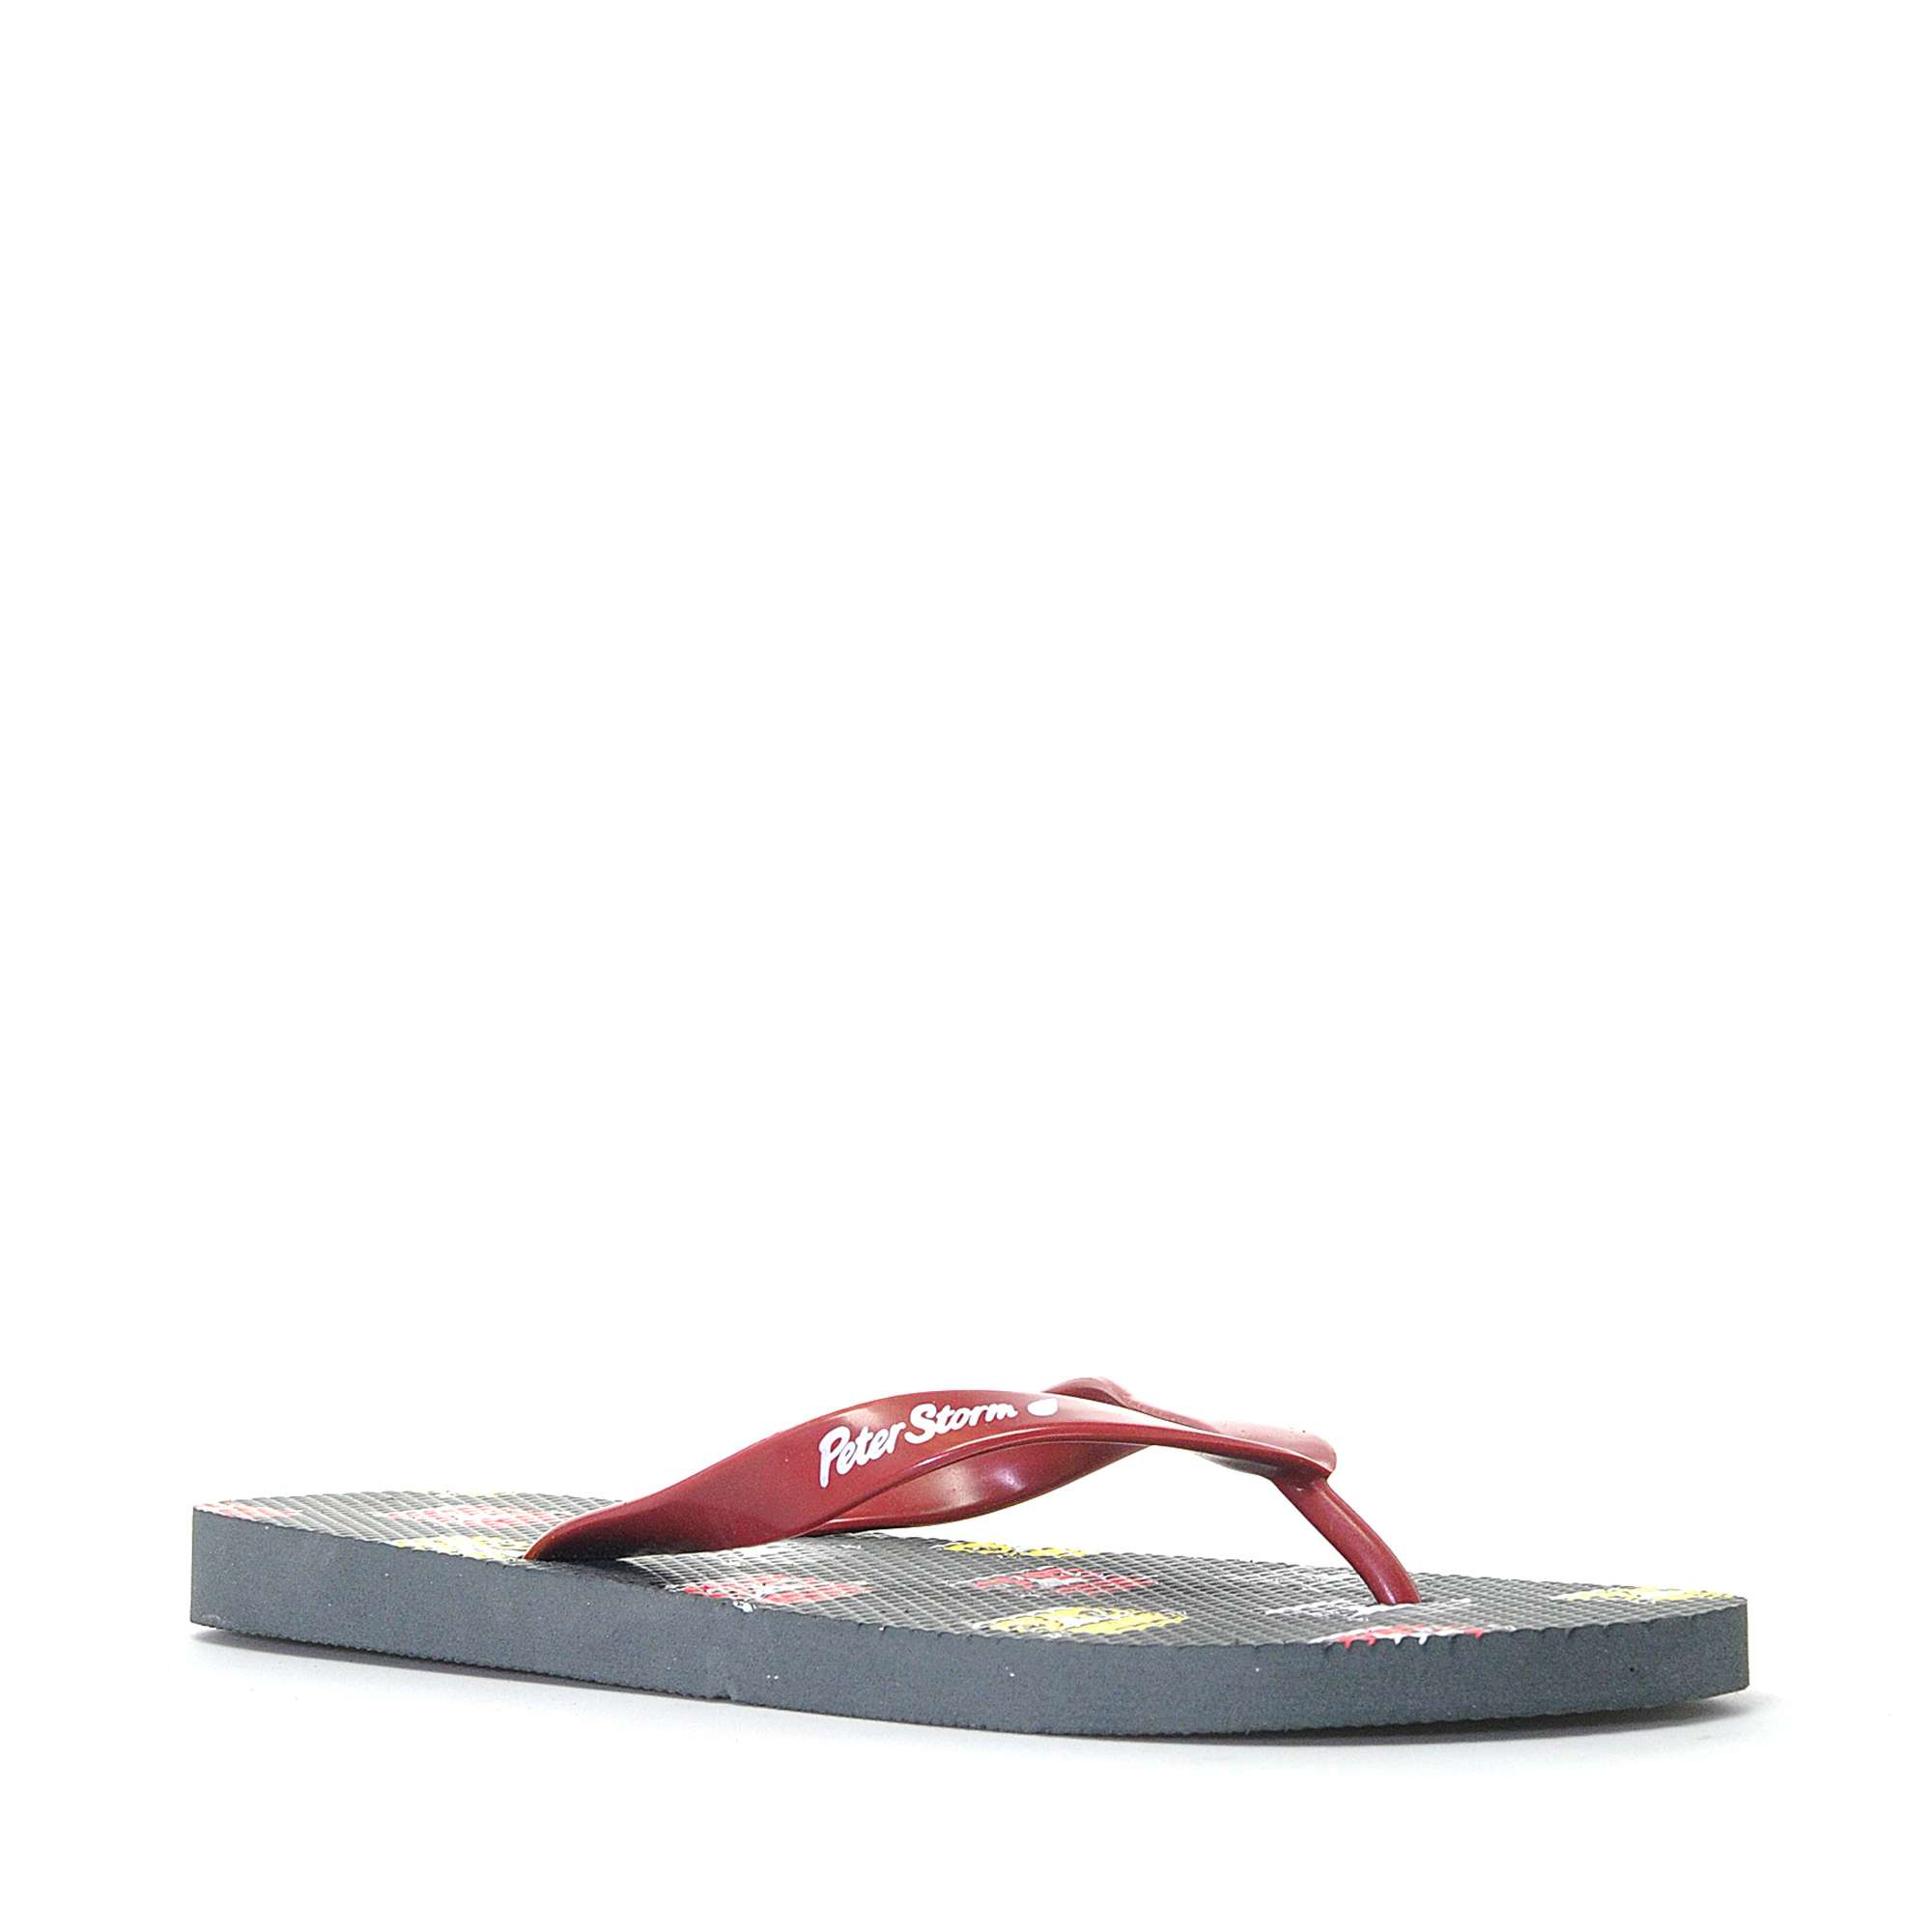 PETER STORM Men's Camper Flip Flops